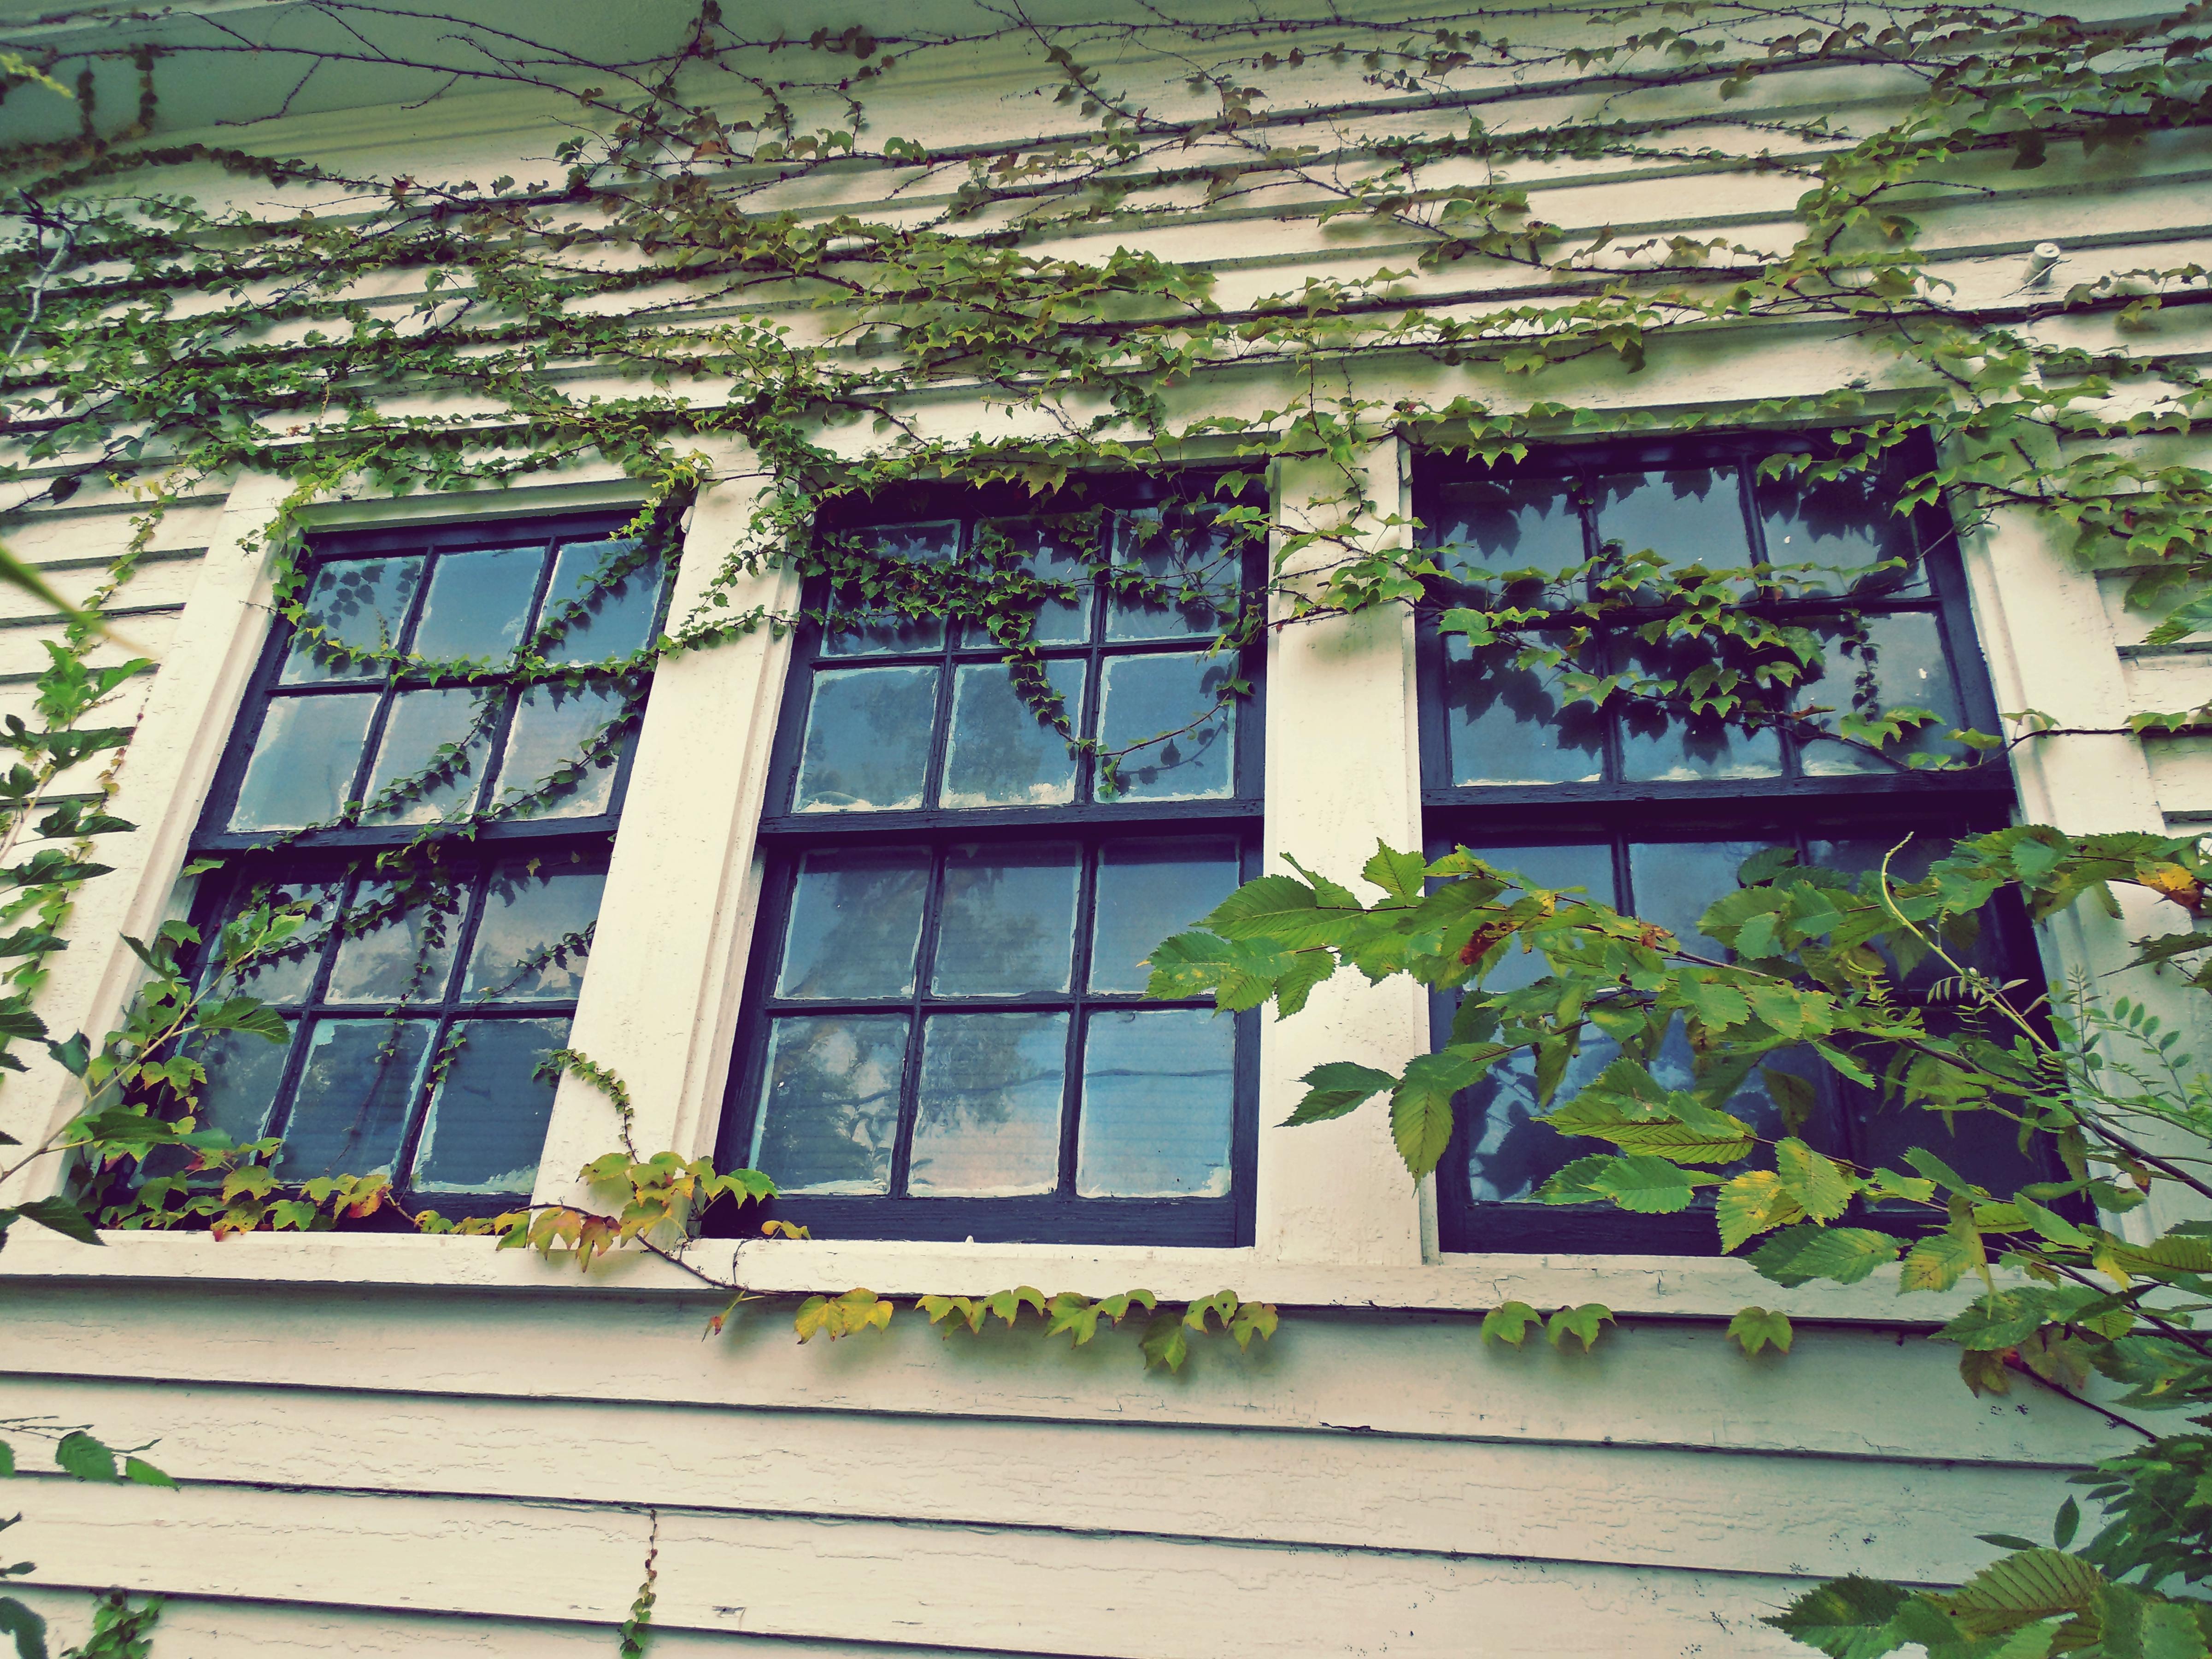 Gratis billeder : arkitektur, hus, vindue, glas, tag, hjem, væg ...